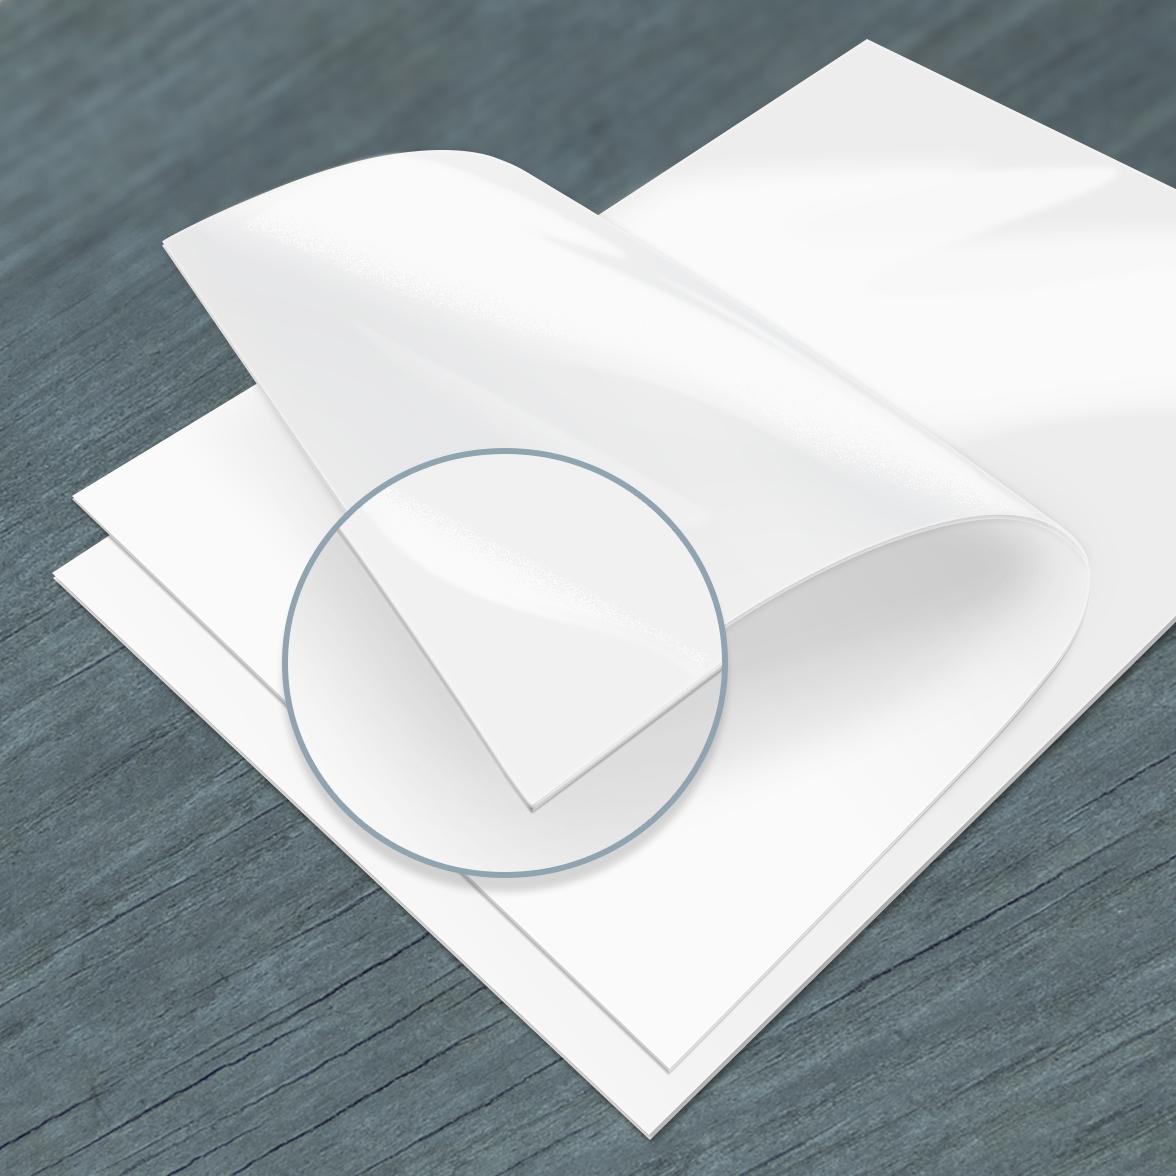 300g Blanc pelliculage brillant recto verso